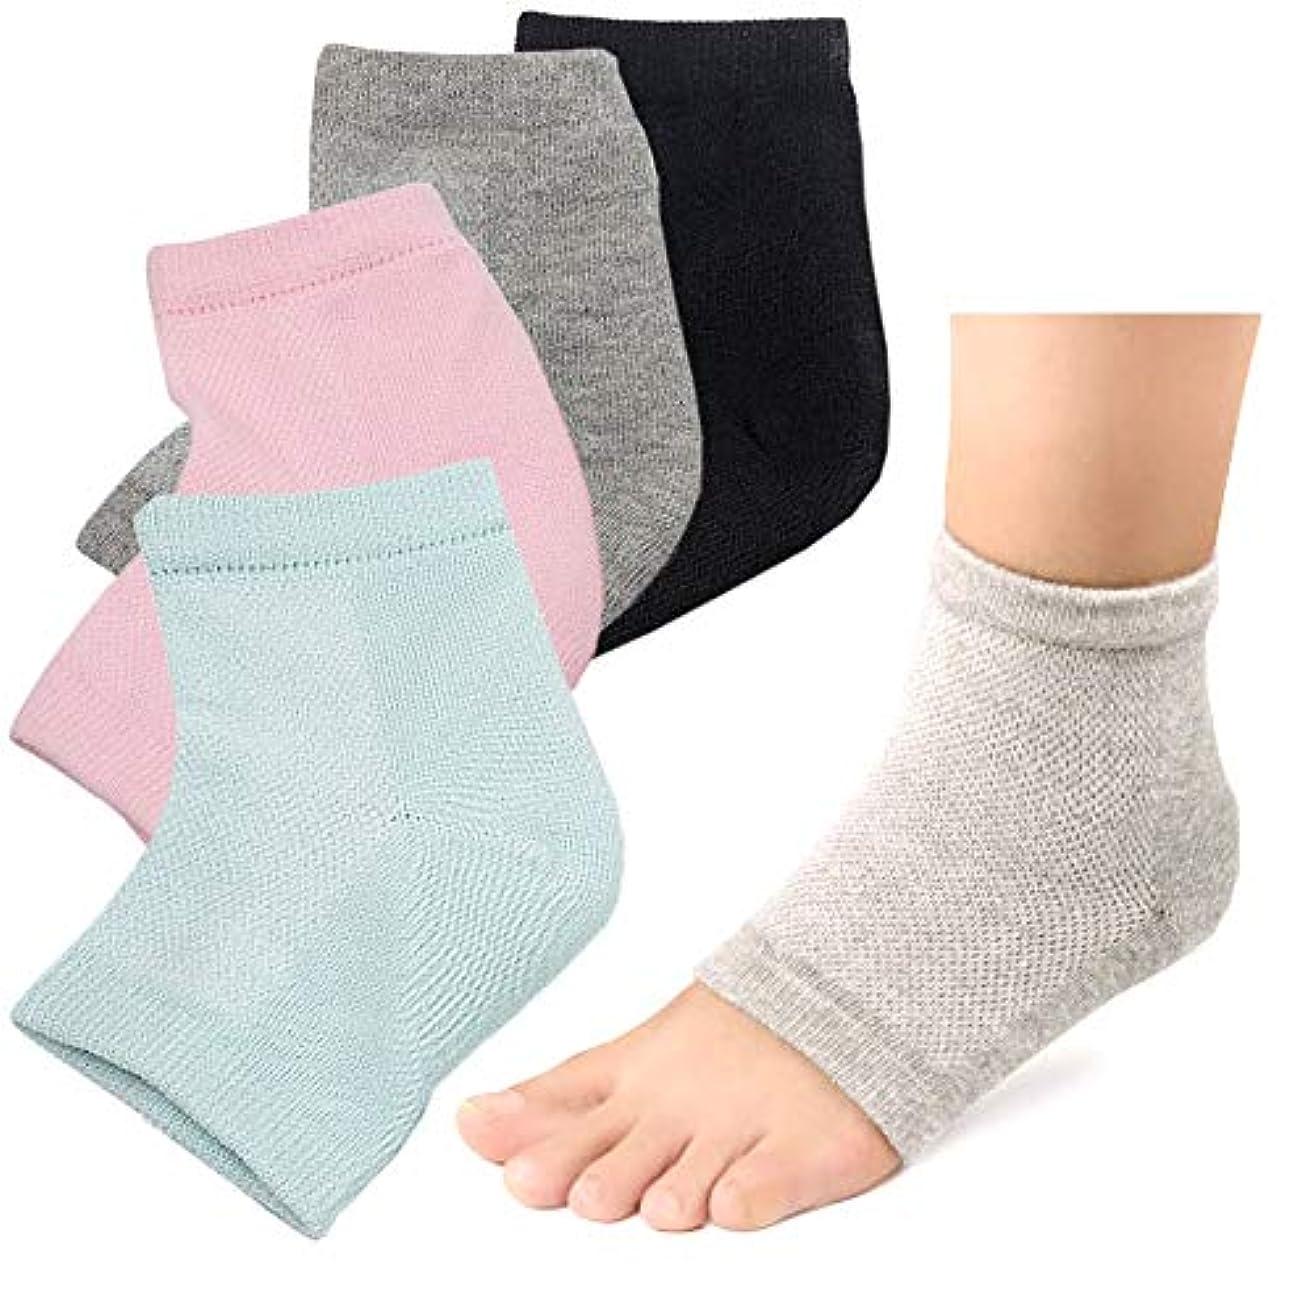 選ぶ見積り寺院かかと 靴下 ソックス つるつる 2足セット かかとケア かかとサポーター ひび割れ対策 角質ケア (ブラック/グレー)